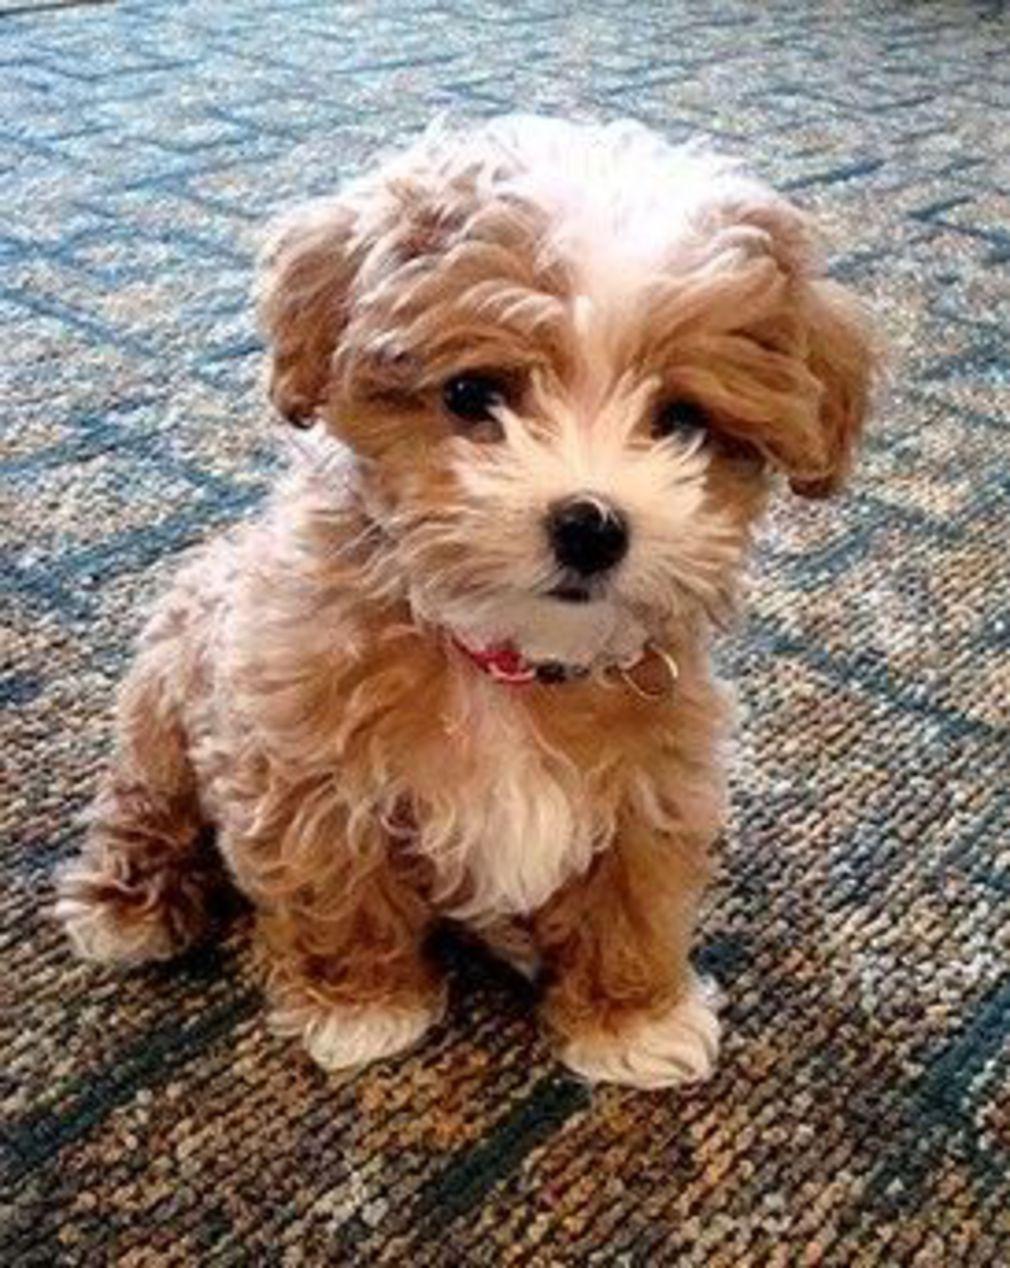 Mini Chien Chien Miniature Aux Poils Frises Marron Et Blanc In 2020 Maltipoo Dog Dog Names Havanese Puppies